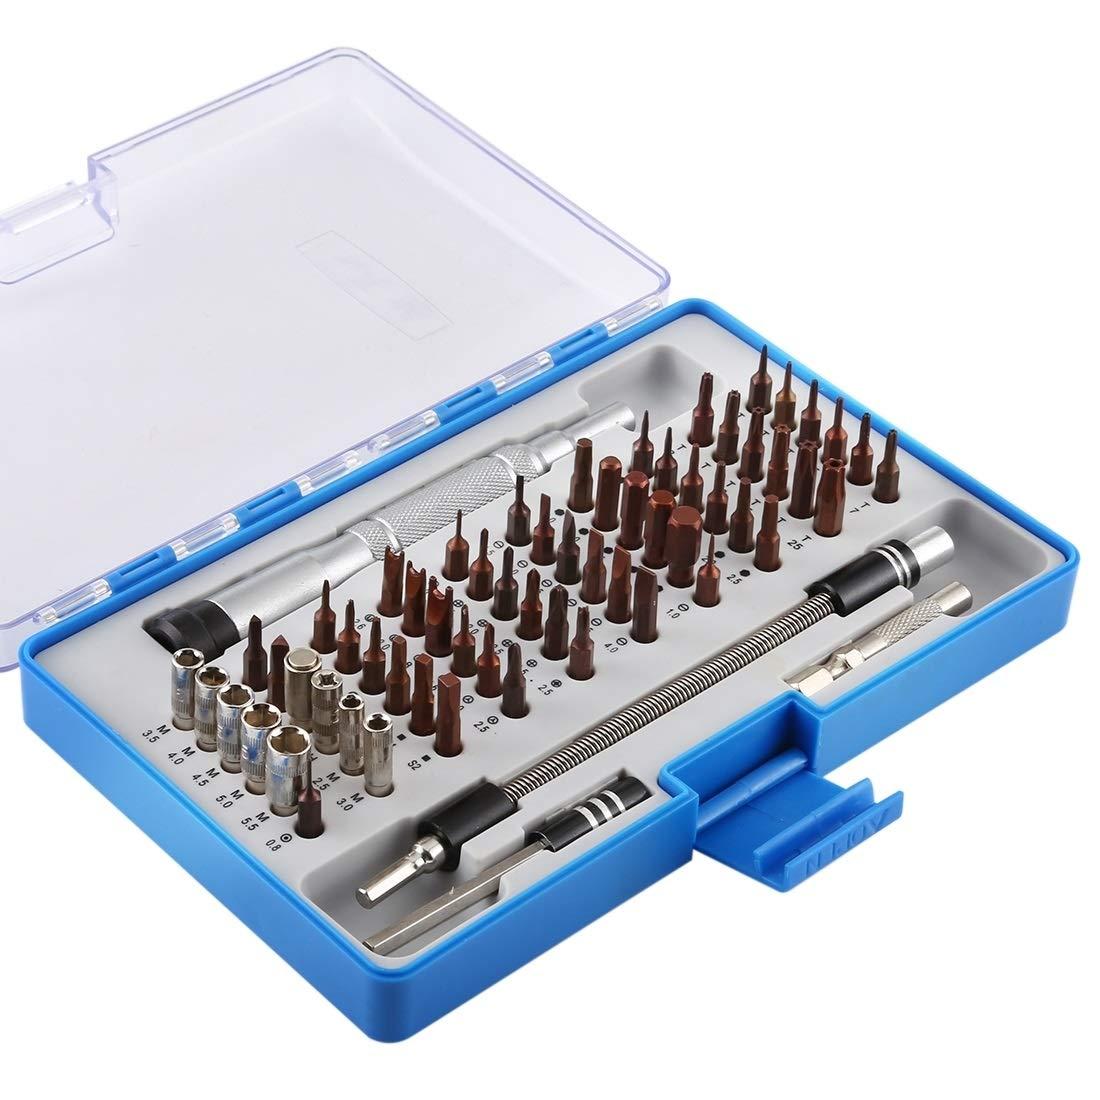 iPartsBuy Screwdriver Repair Tool TG6400 64 in 1 Professional Screwdriver Repair Tool Set